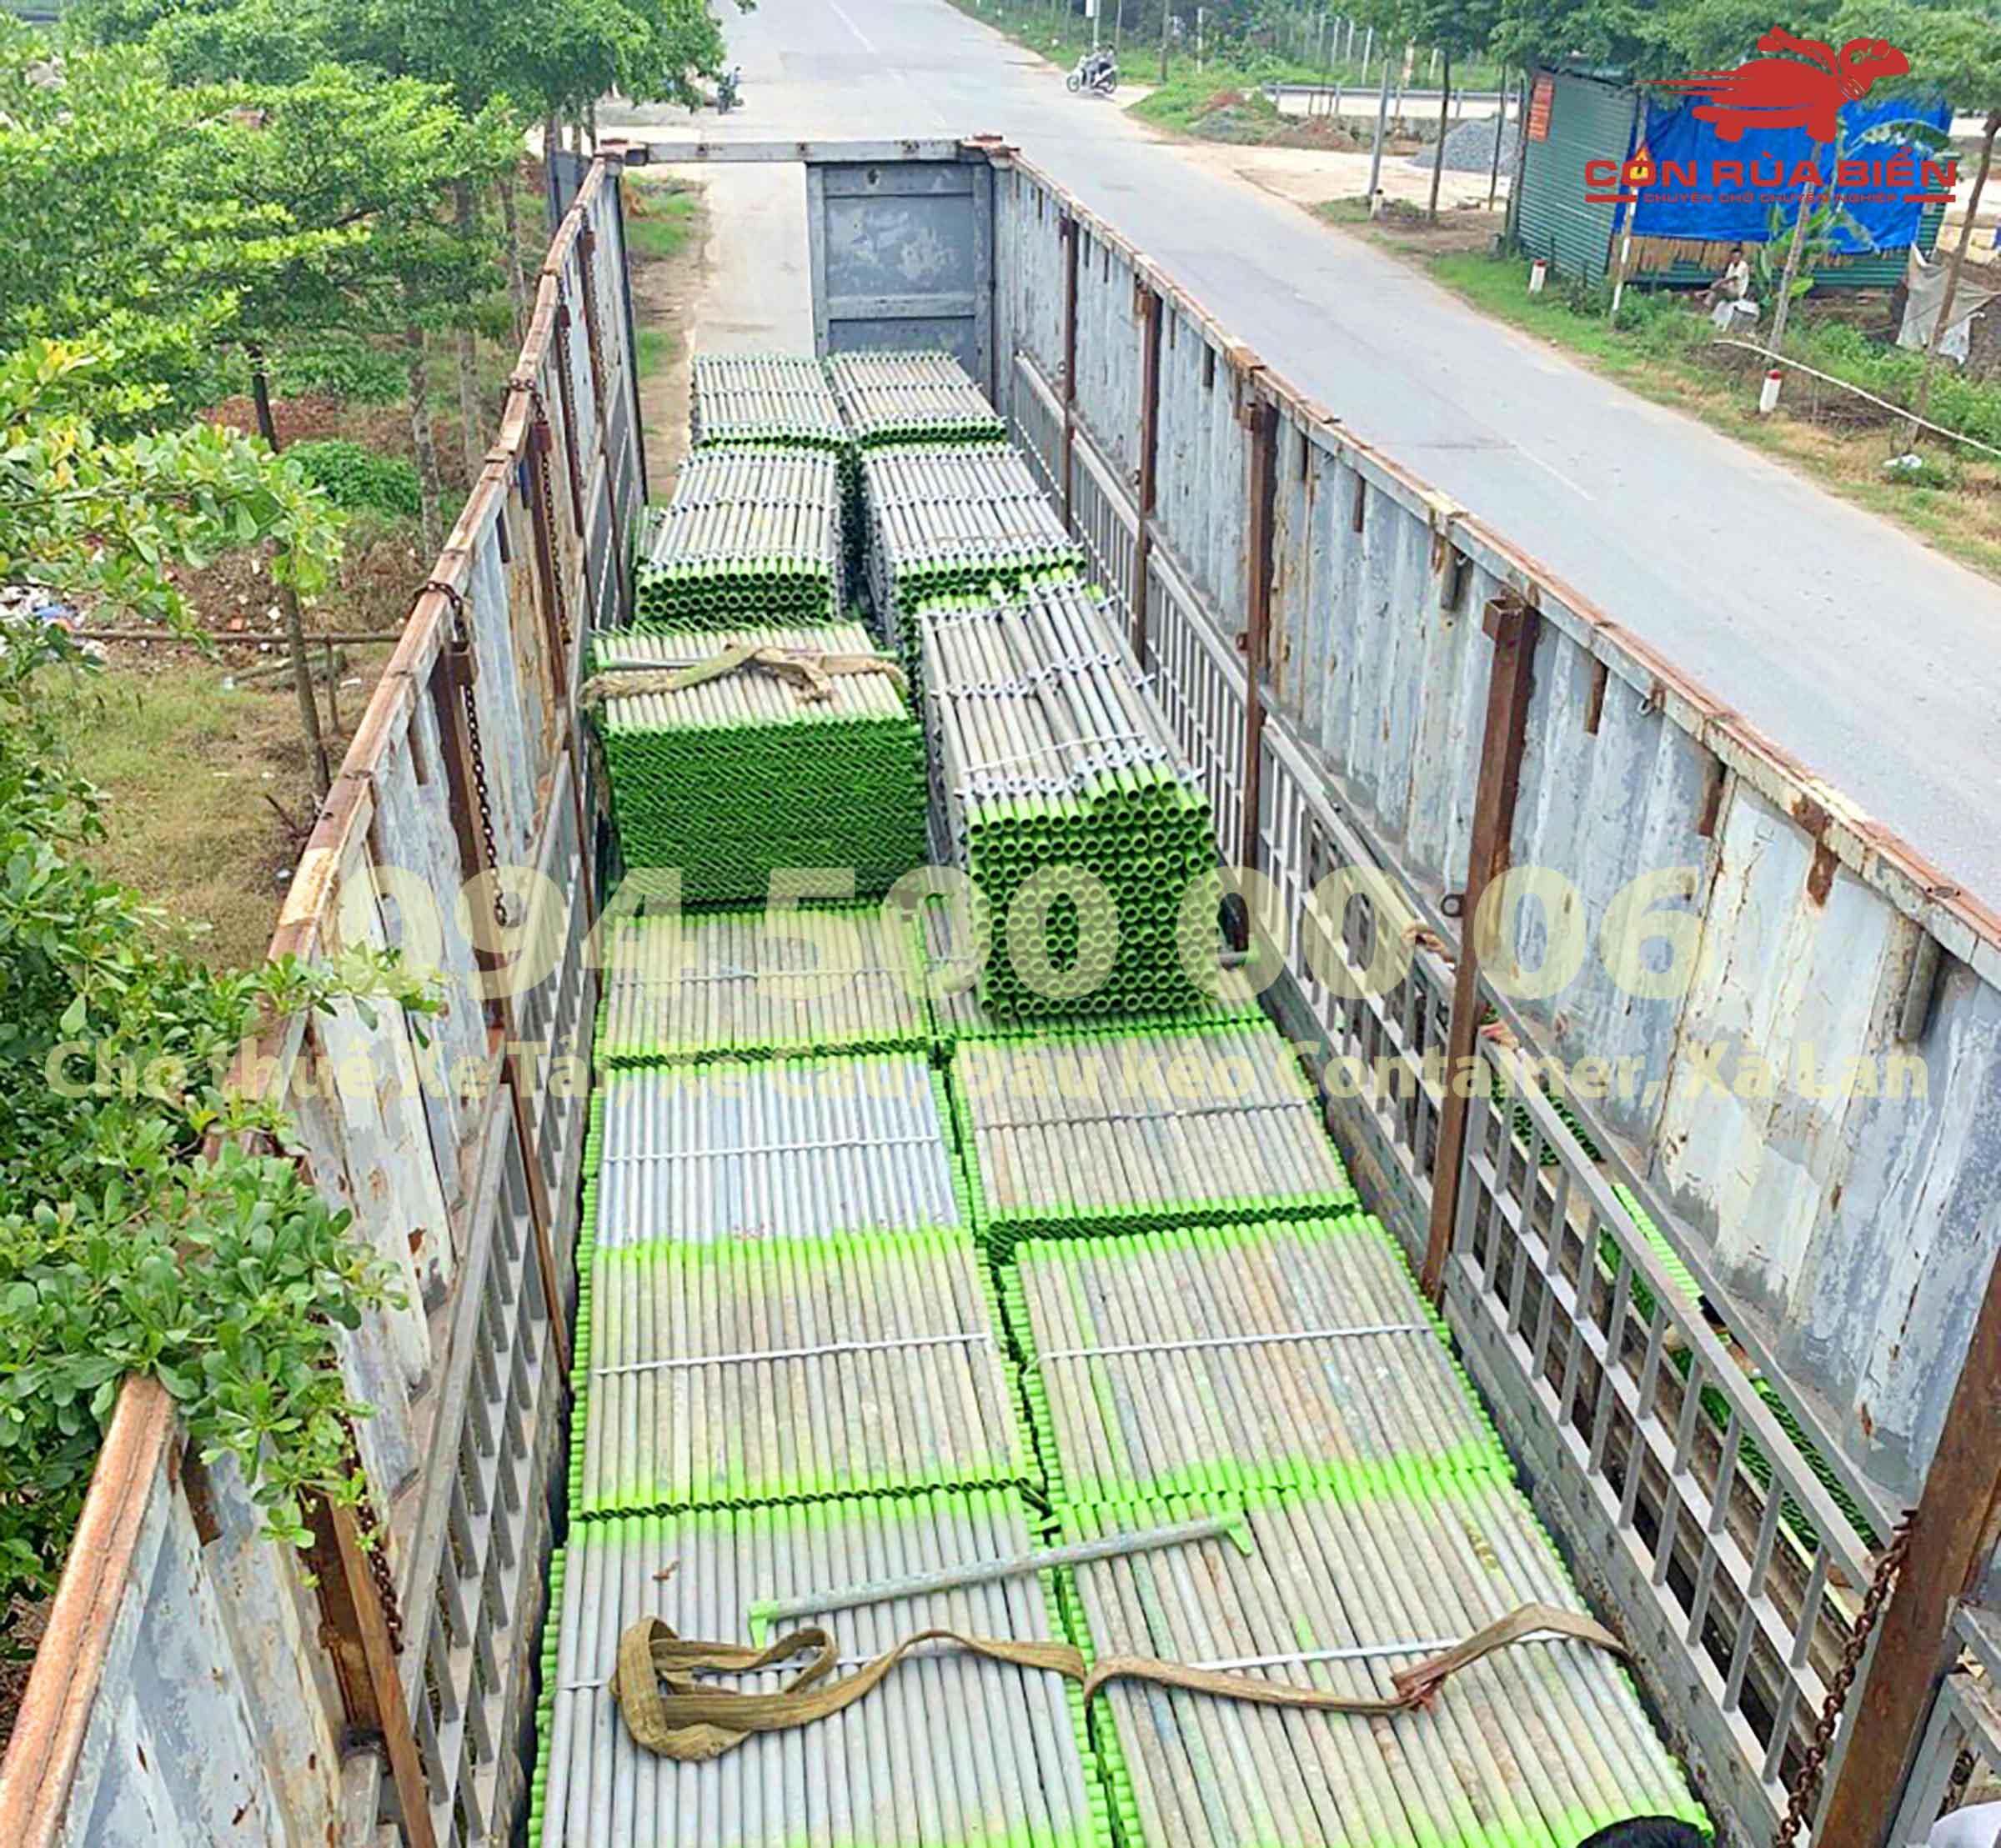 (Ảnh: Dự án vận chuyển Giàn Giáo công trình đi Phú Quốc - Chành xe Phú Quốc - Con Rùa Biển; trong ảnh là cảnh xe đầu kéo container mui bạc đang lên hàng giàn giáo tại công trình)